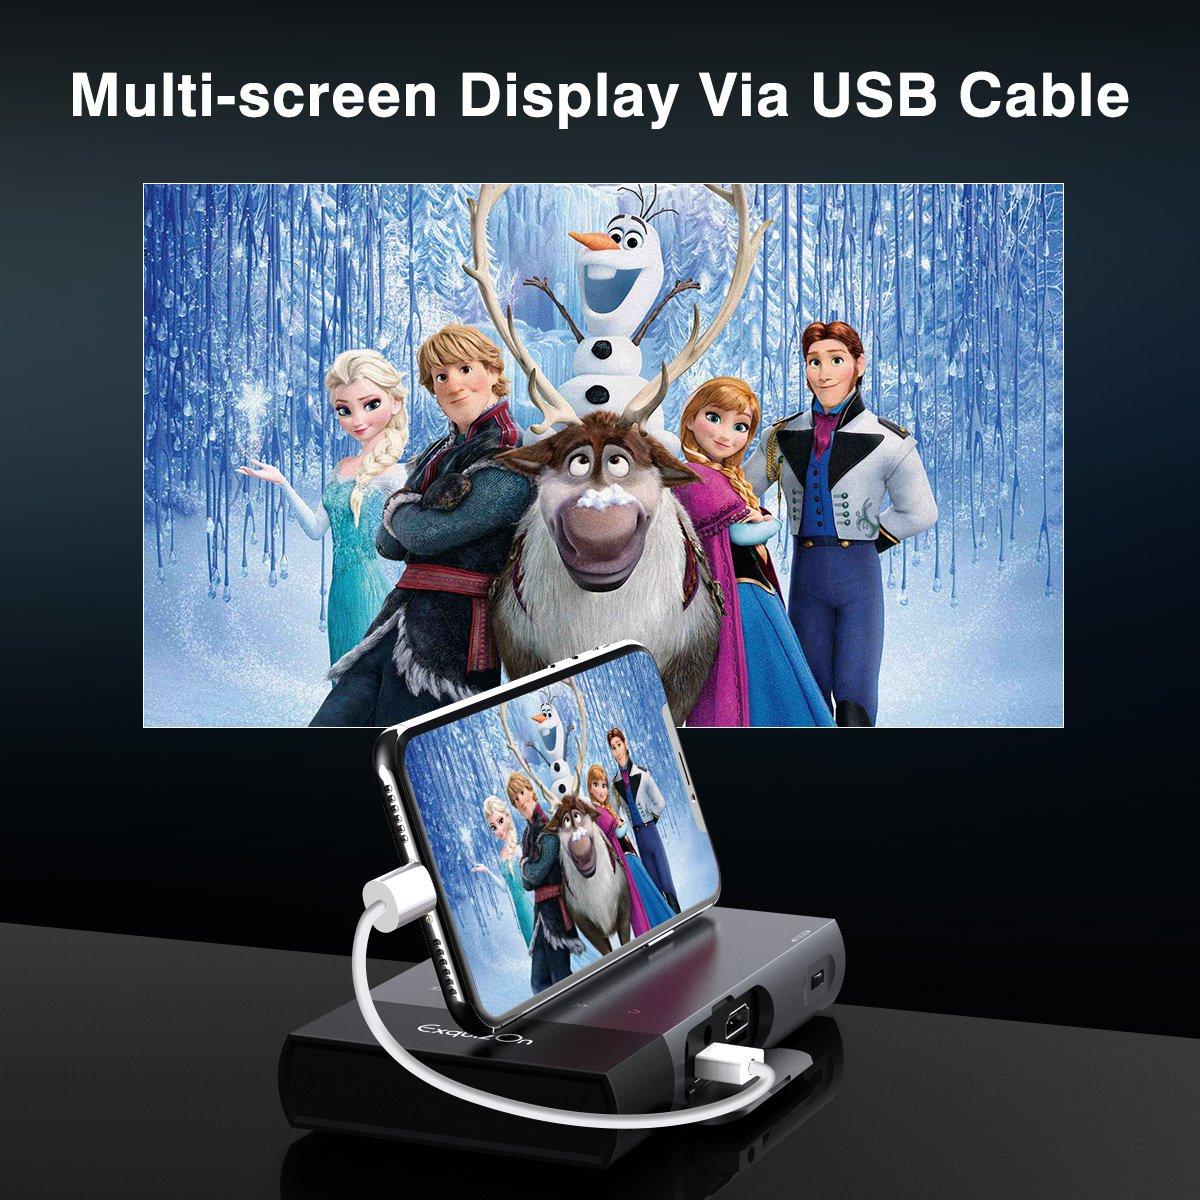 PS4 ExquizOn Vid/éoprojecteur Portable S6 Mini Projecteur WiFi DLP Soutien HD 1080p pour USB HDMI SD VGA AV Compatible avec  Fire TV Stick Laptop Smartphone X-Box One PS3